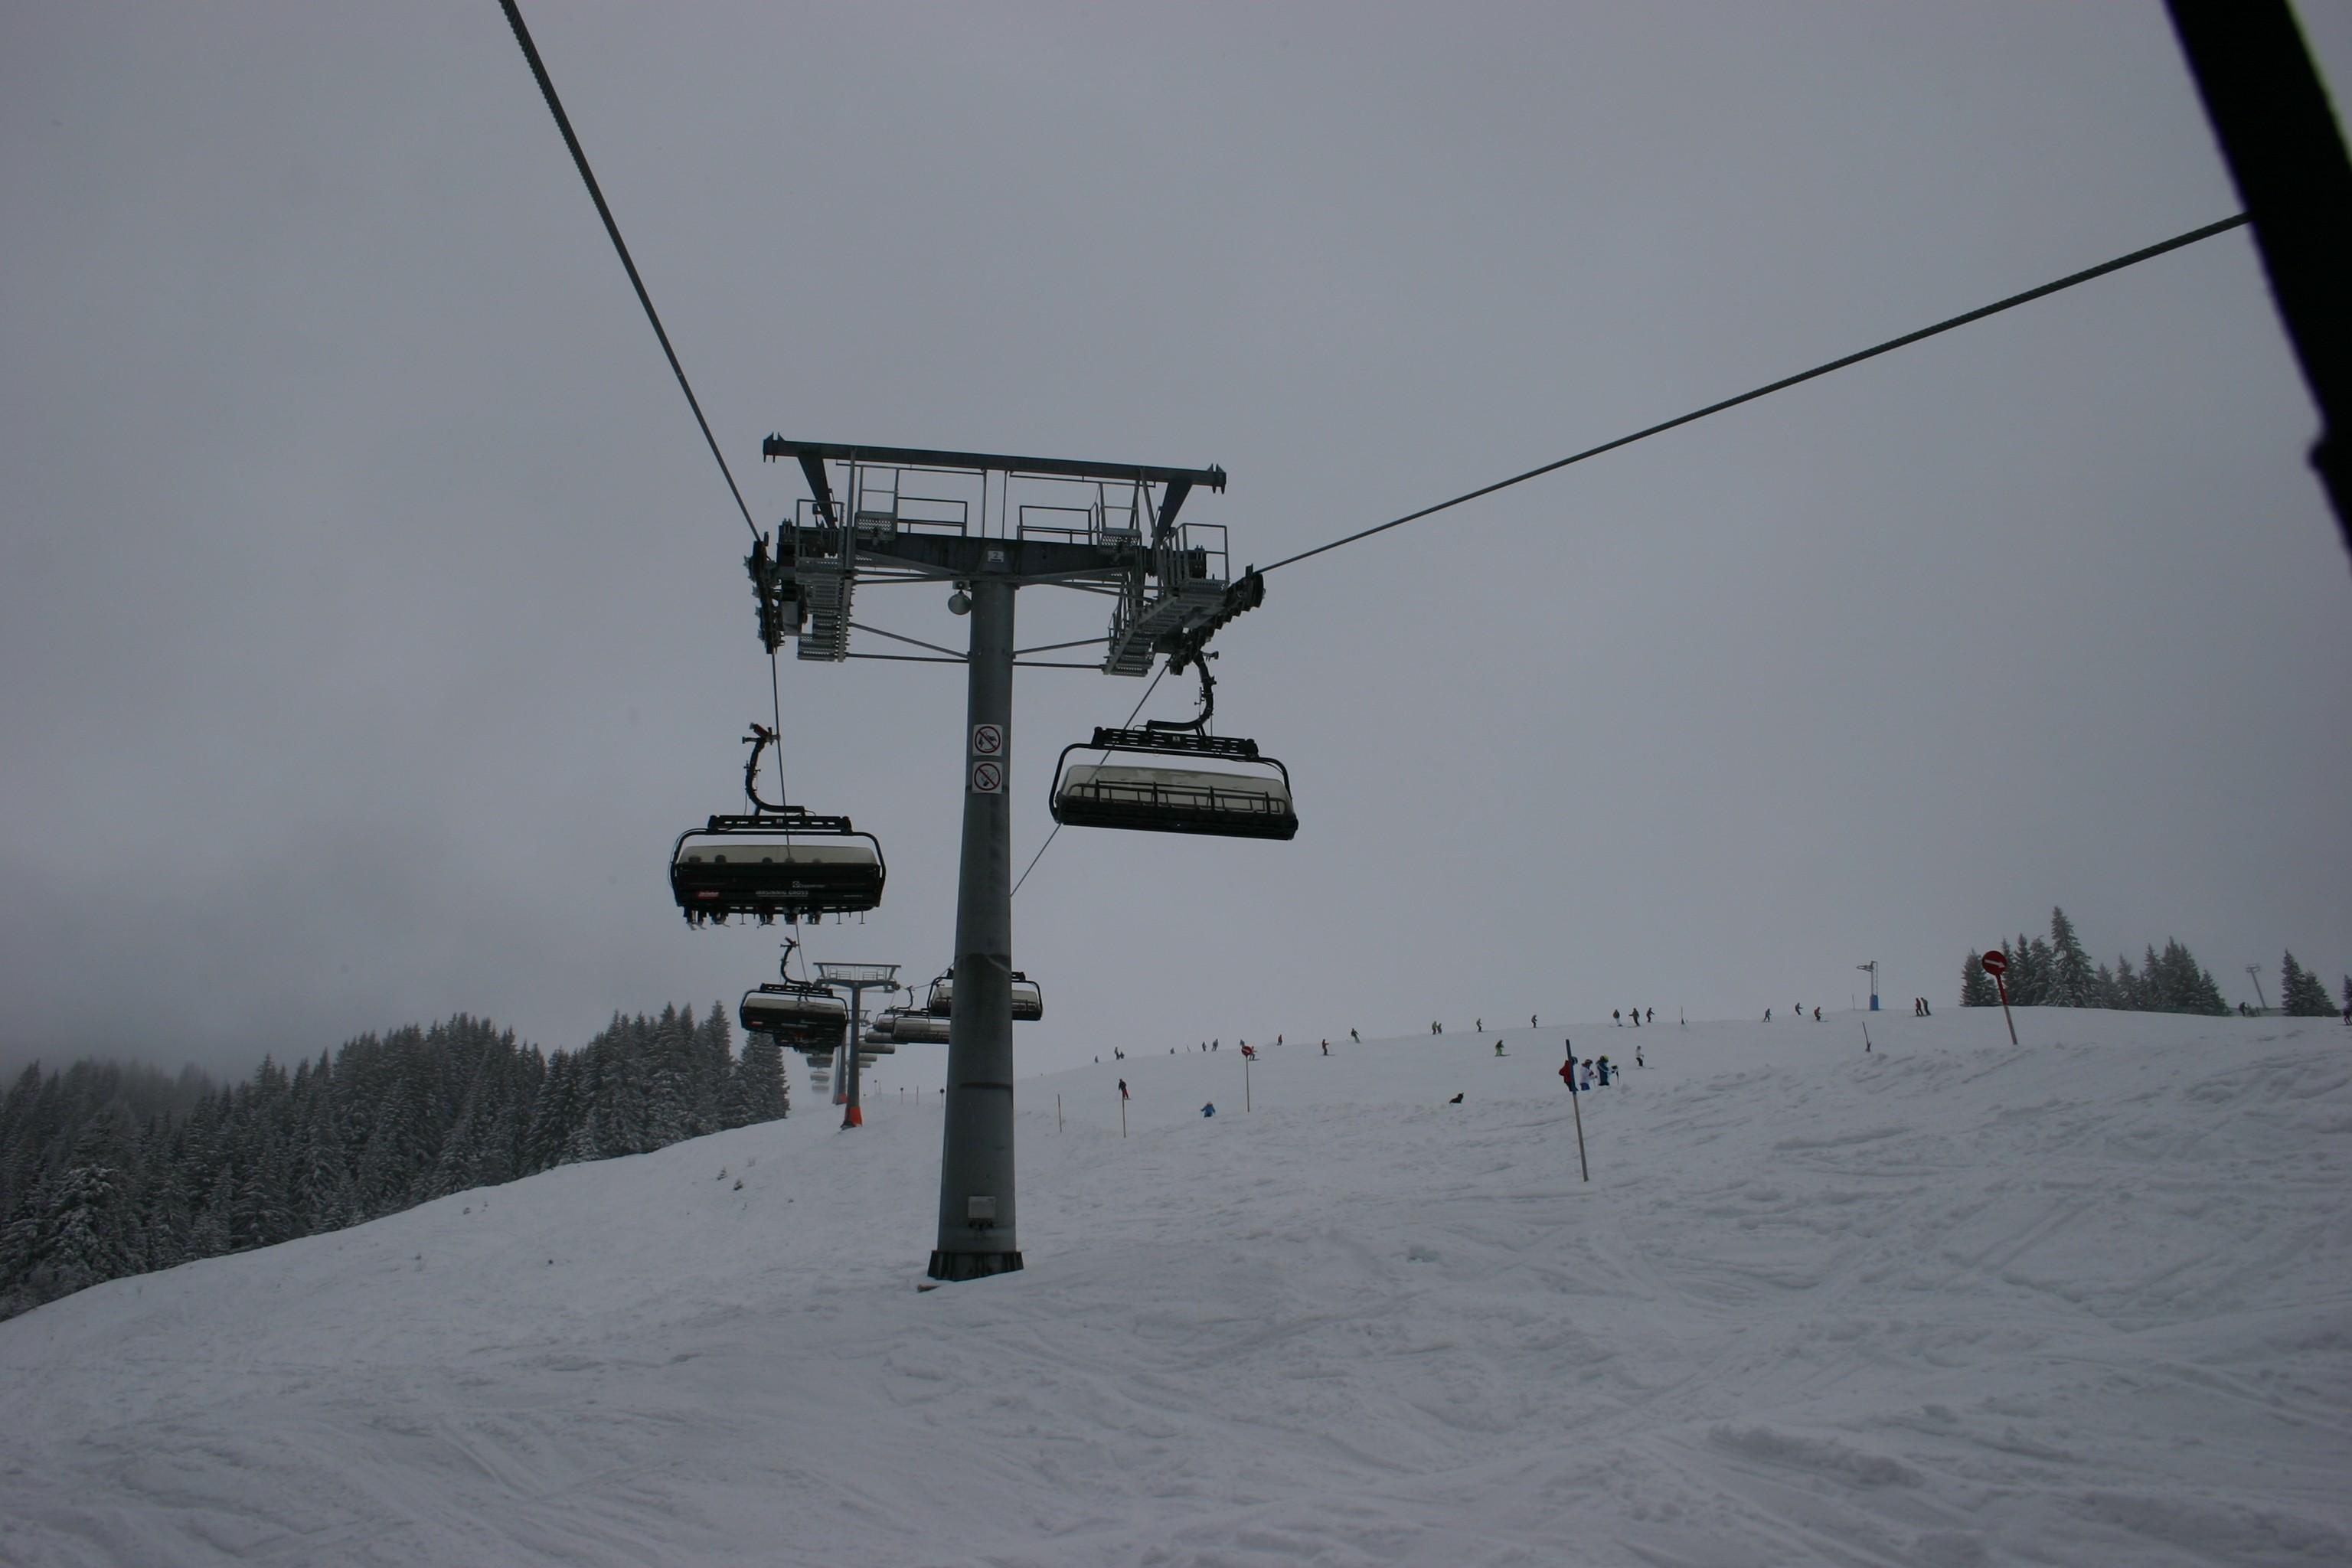 Kitzbüheler Alpen 038 - Dag 1